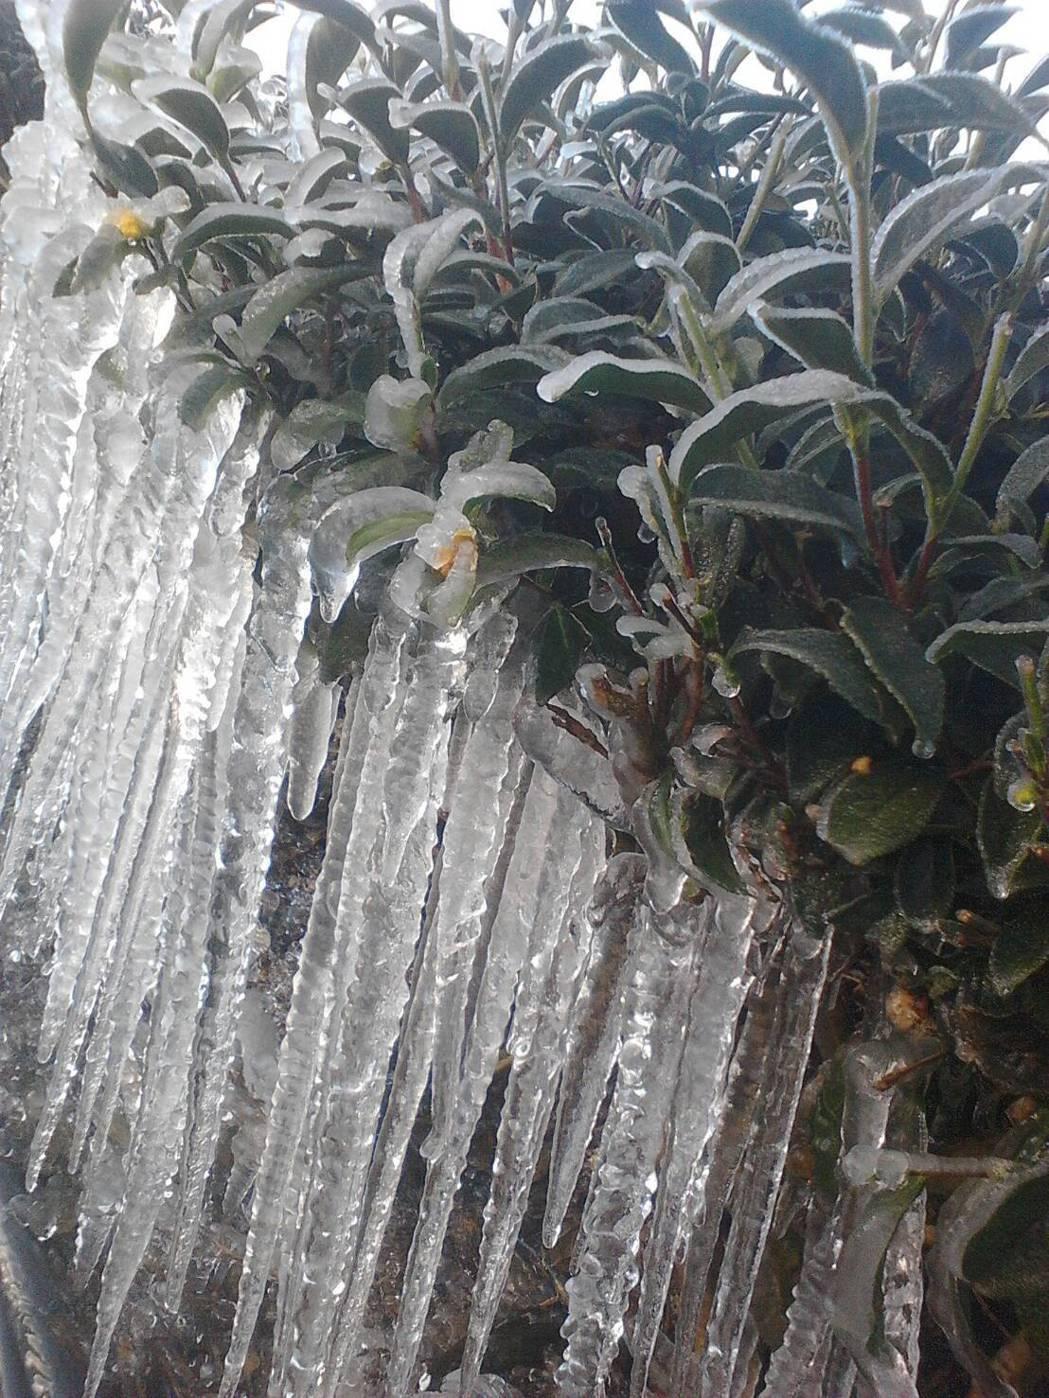 海拔1500公尺的仁愛鄉清境、廬山地區茶園,今天清晨因為低溫,茶園出現冰柱奇景。...